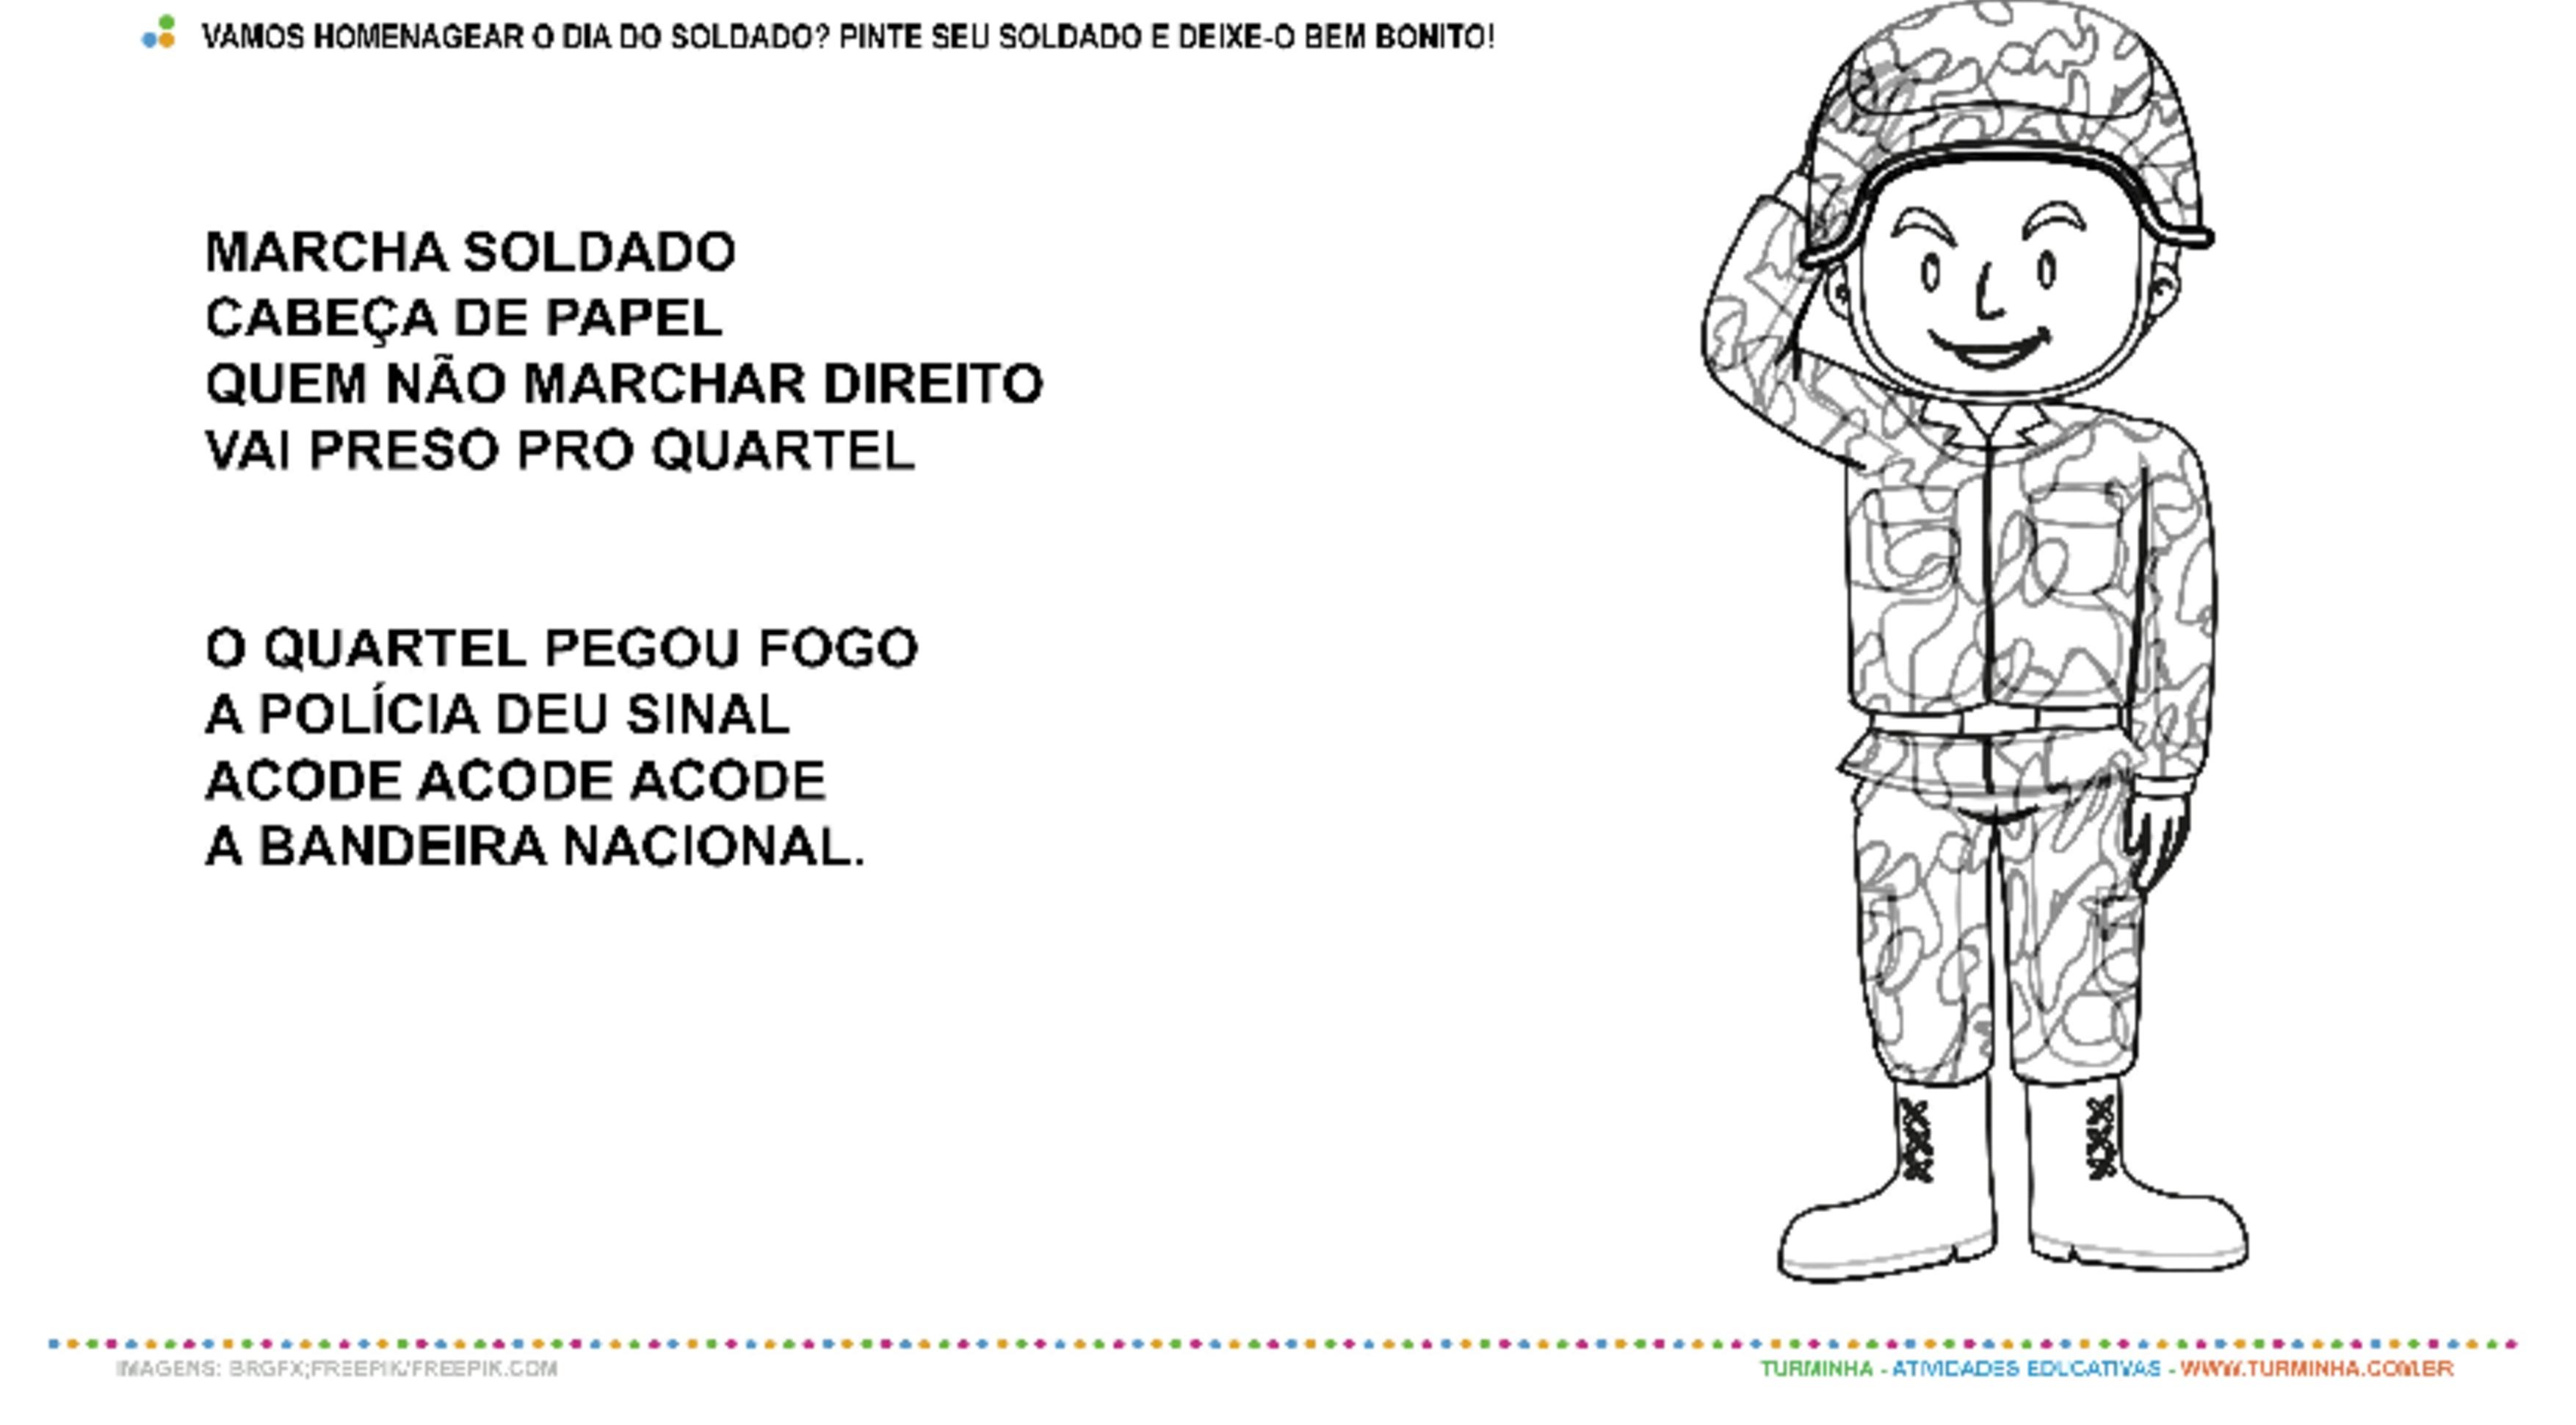 Dia do Soldado - Pintura e Música - atividade educativa para Pré-Escola (4 e 5 anos)